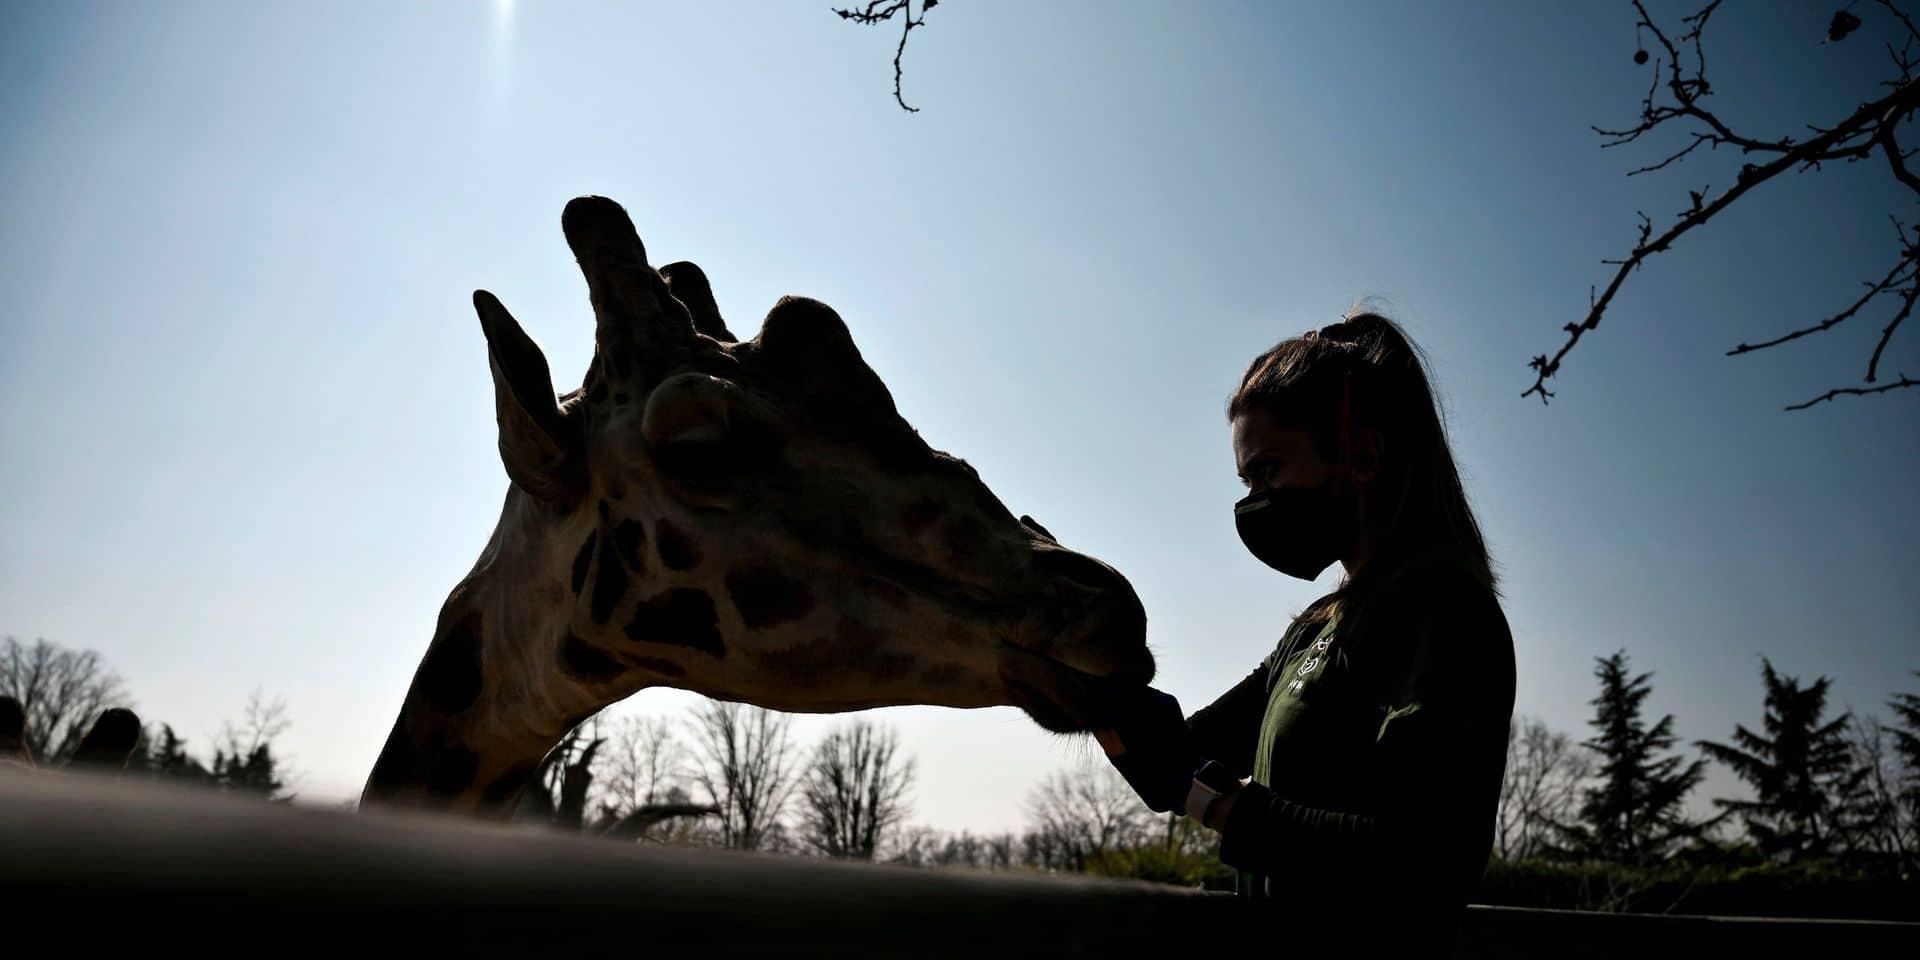 Déserté à cause du virus, un zoo italien lance un SOS